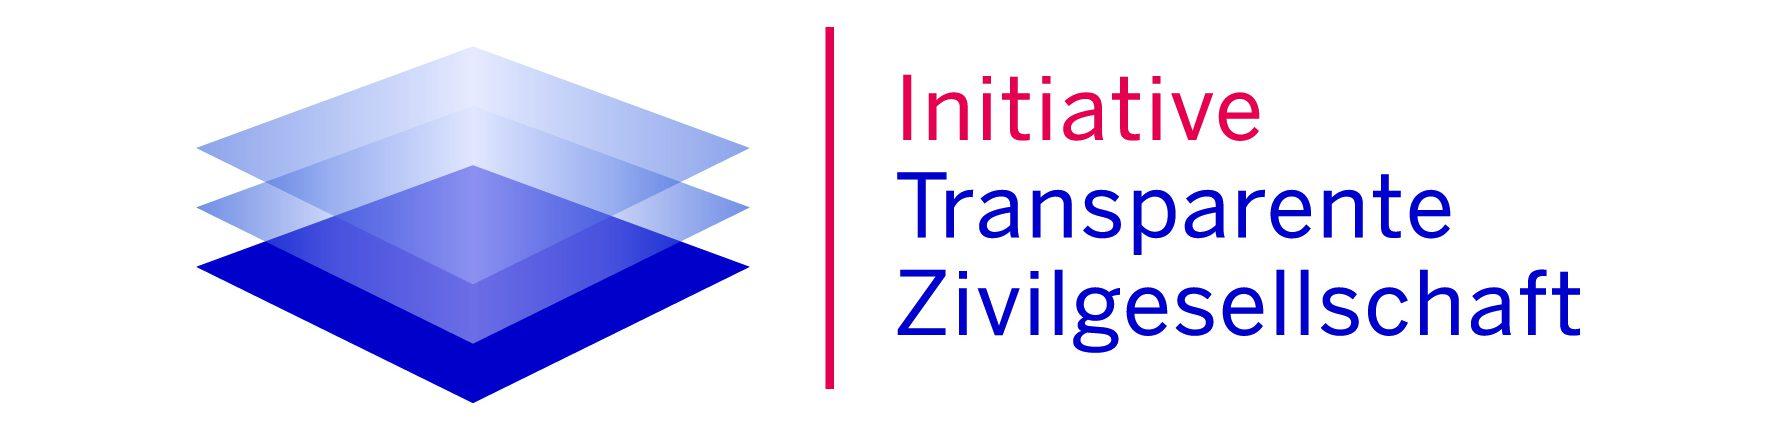 Logo Transparente Zivilgesellschaft e1553682685751 - Transparenz